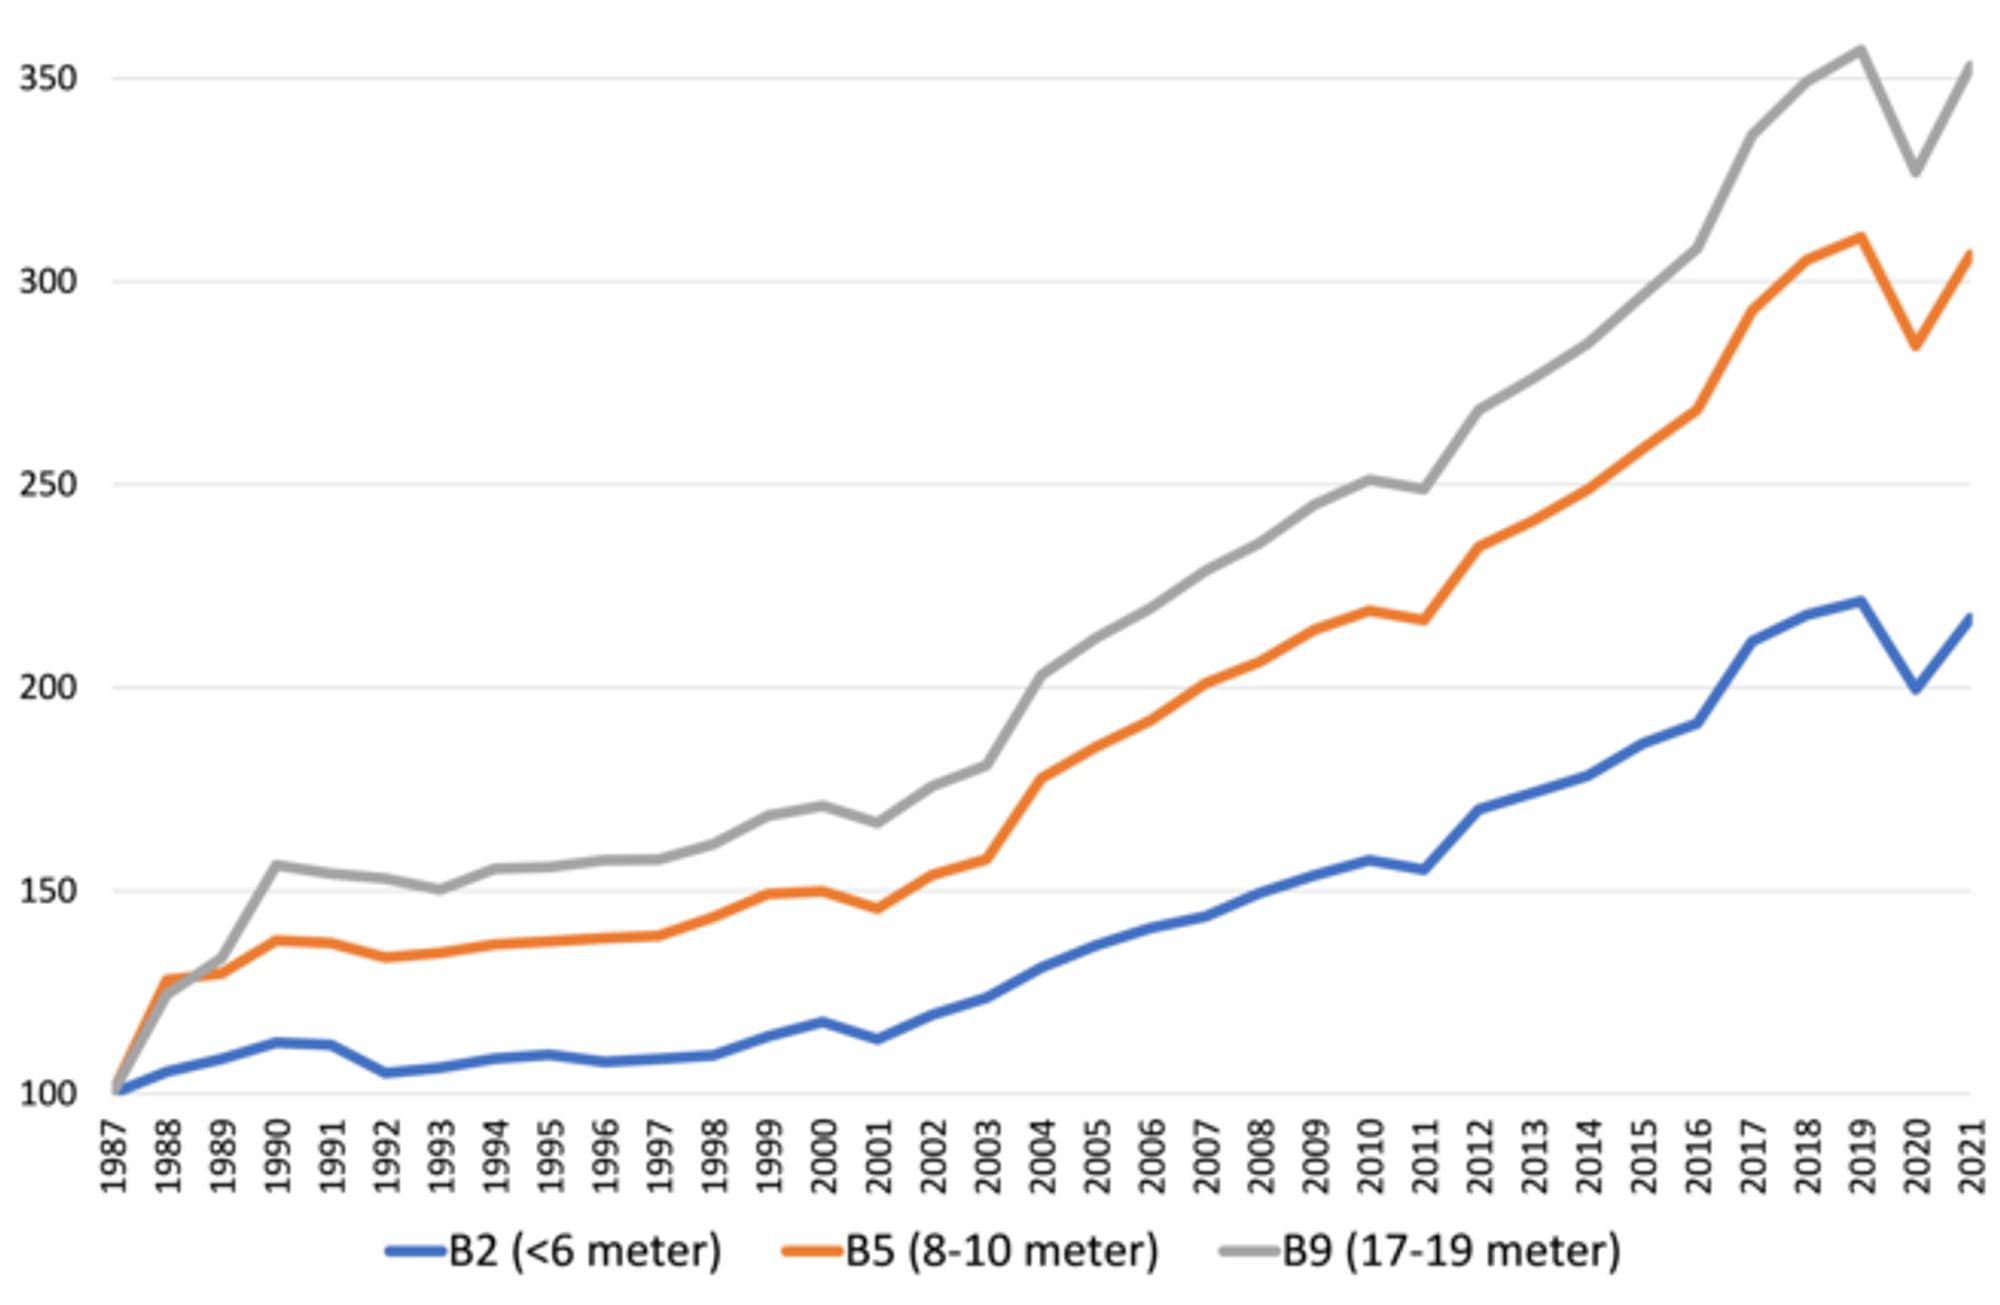 Figur 1: Realprisindeks fullpristakster for personbiler (B2), lastebiler (B5) og vogntog (B9) i sone 3 fra 1987 til 2021.